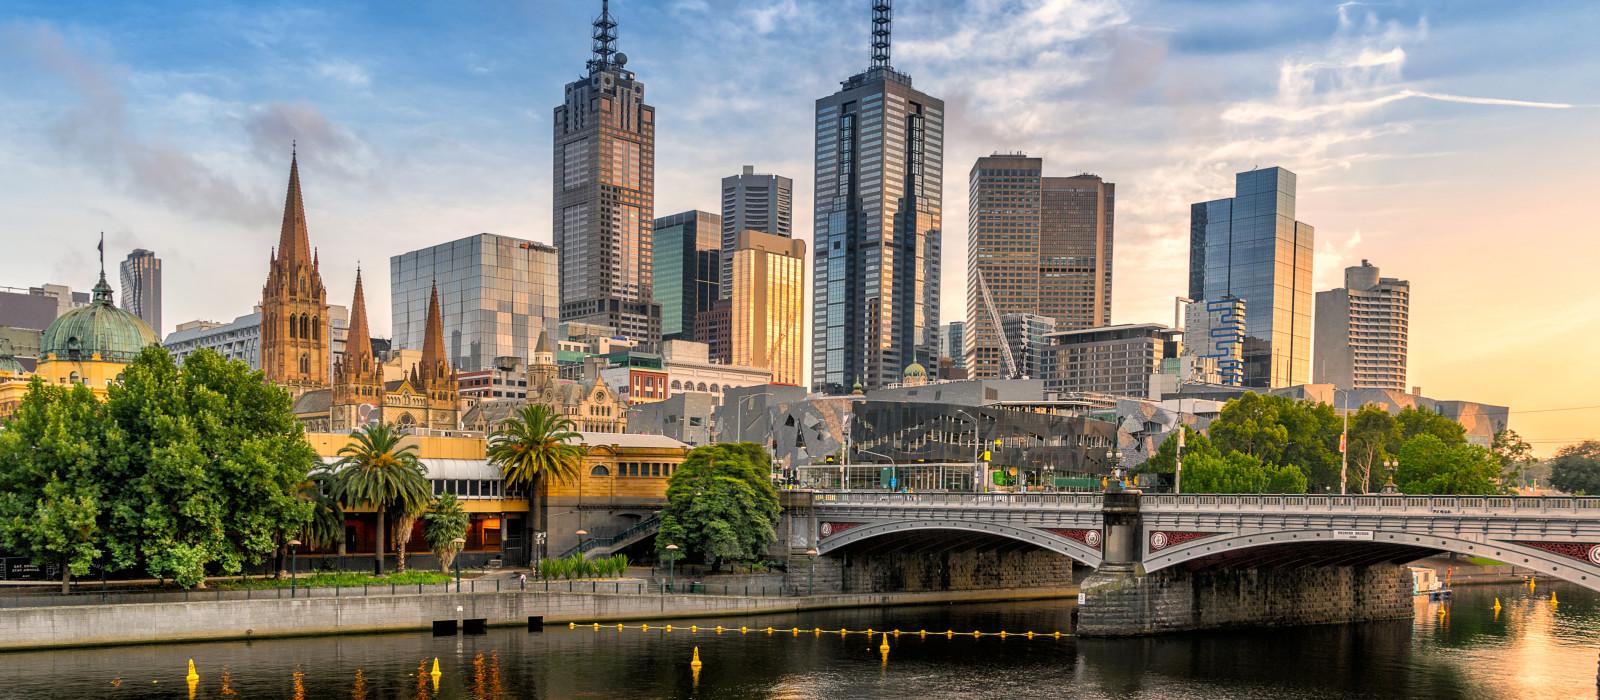 Australien – Tasmanien Roadtrip Urlaub 1